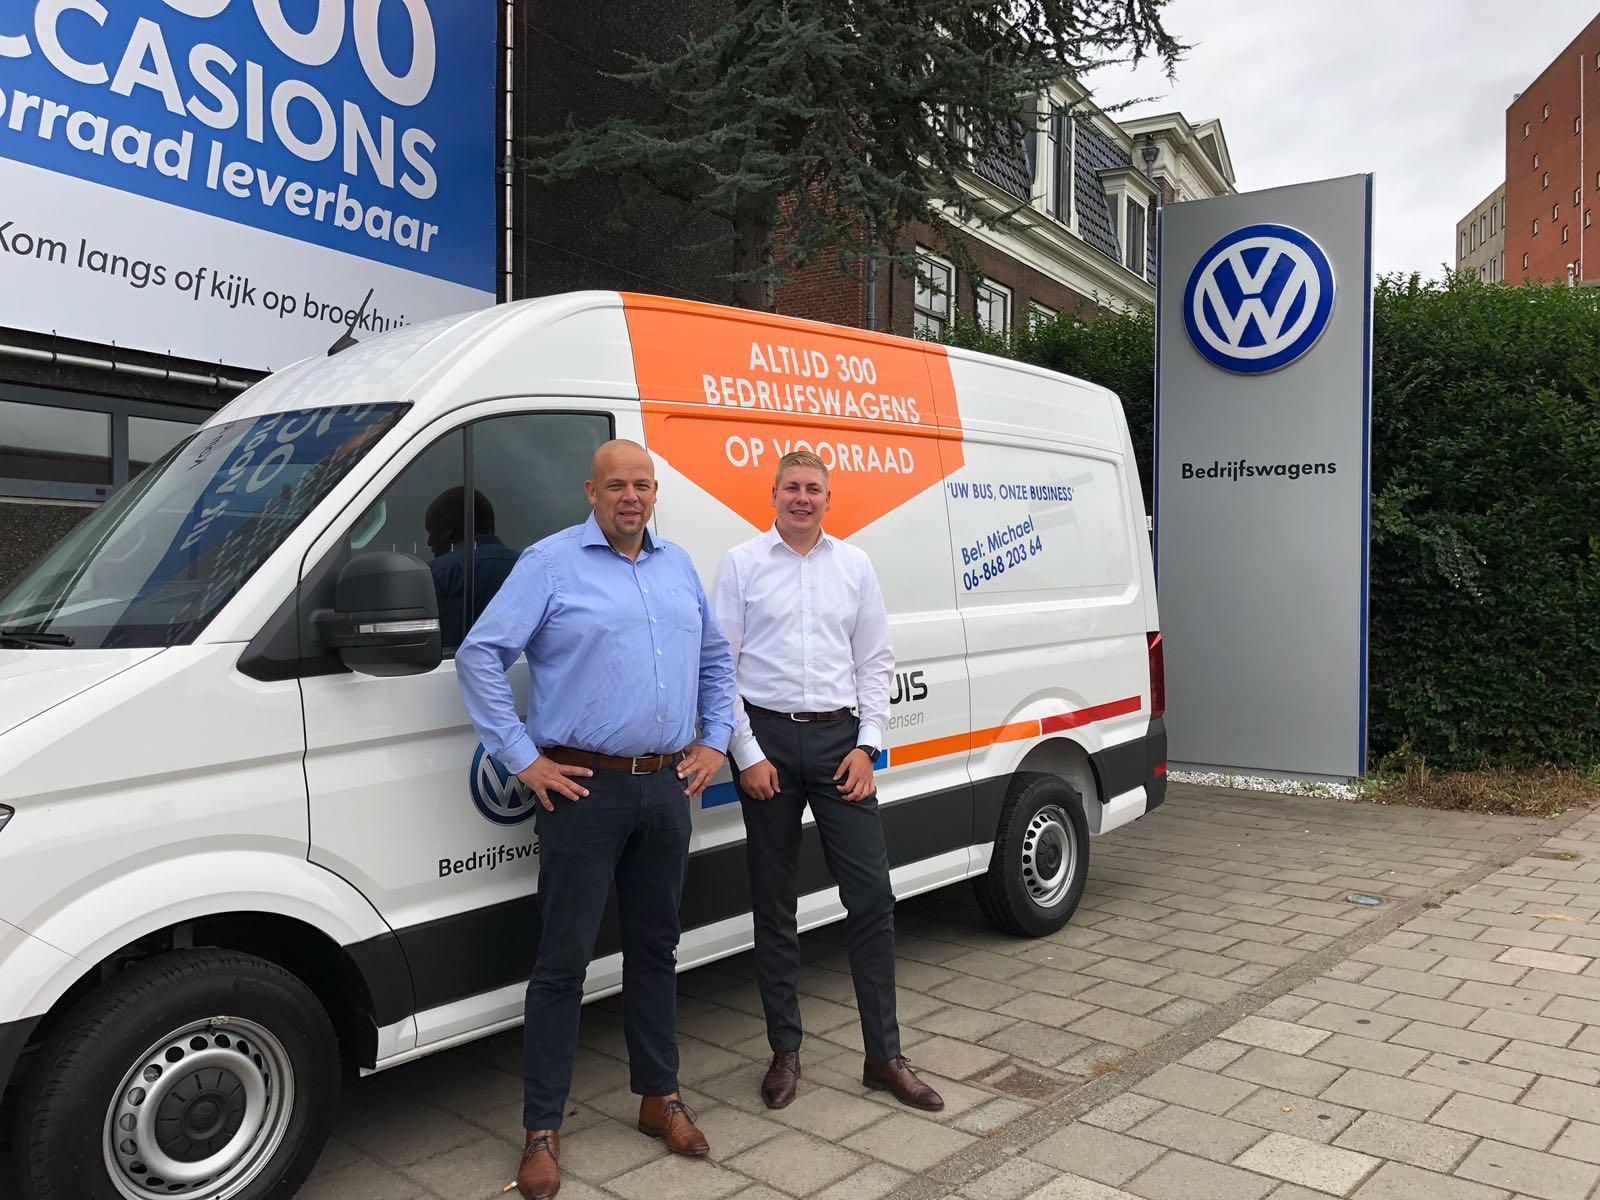 Michael Sanders en Teun van Laar zijn de klant graag van dienst. (foto: Broekhuis)